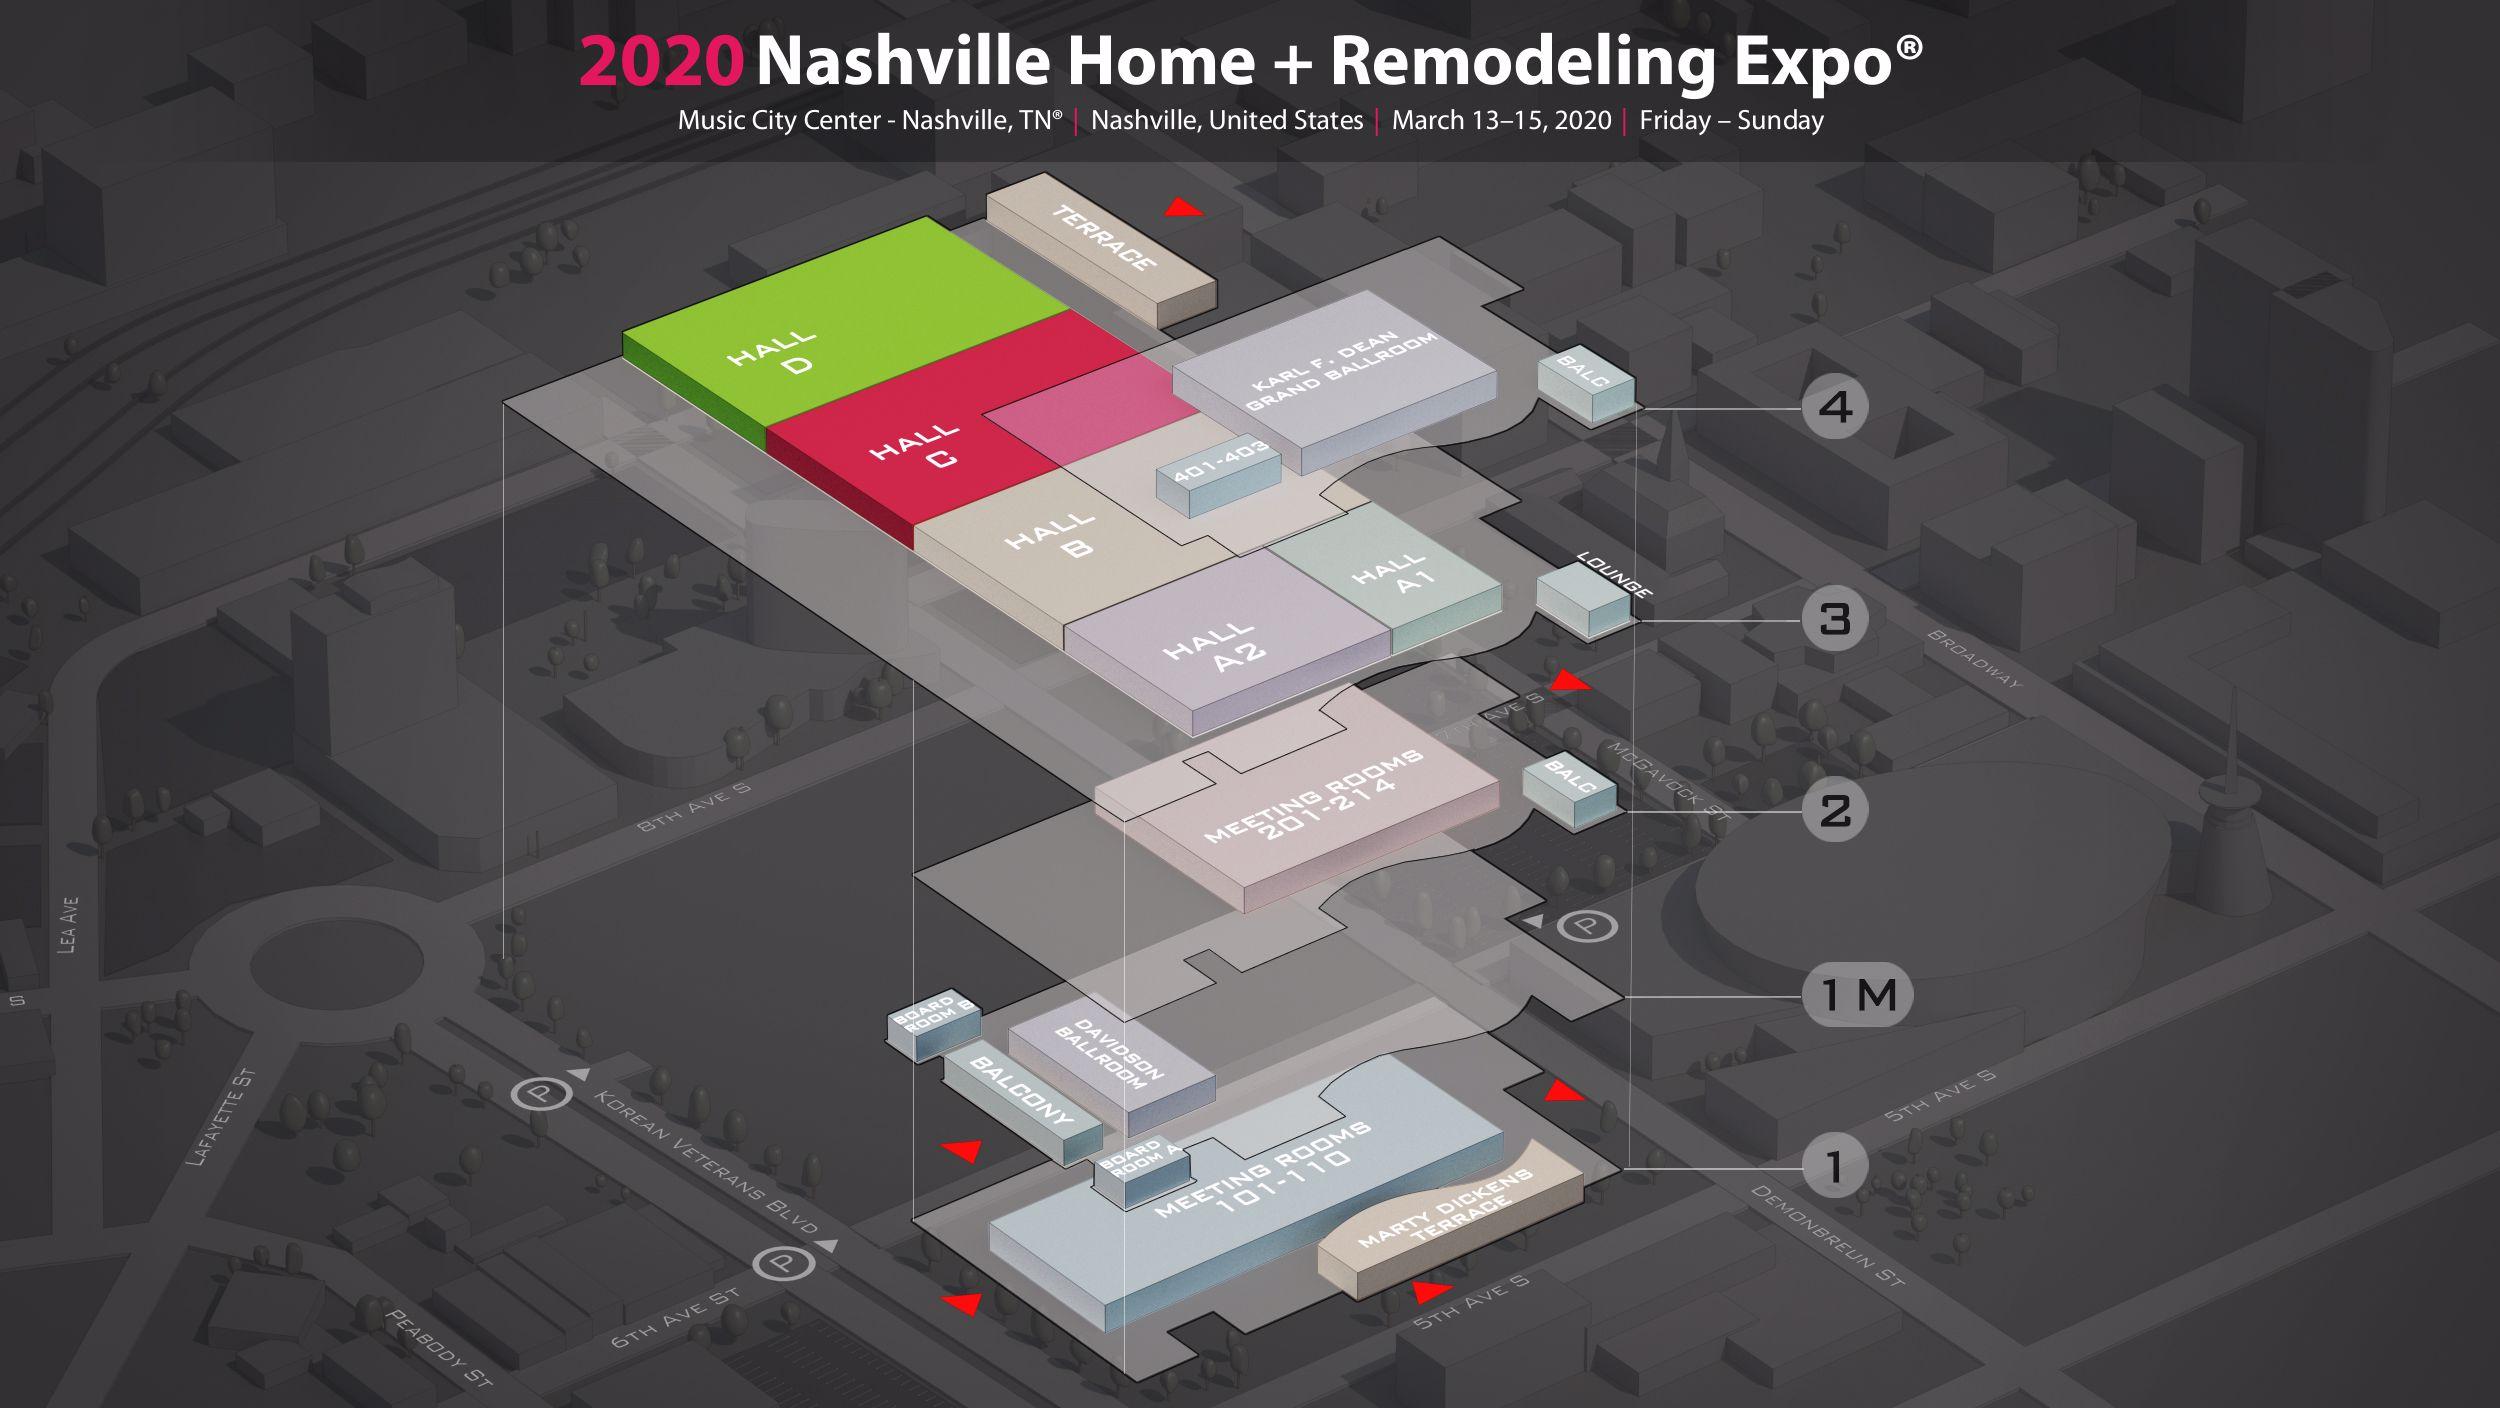 Nashville Home Remodeling Expo 2020 In Music City Center Nashville Tn